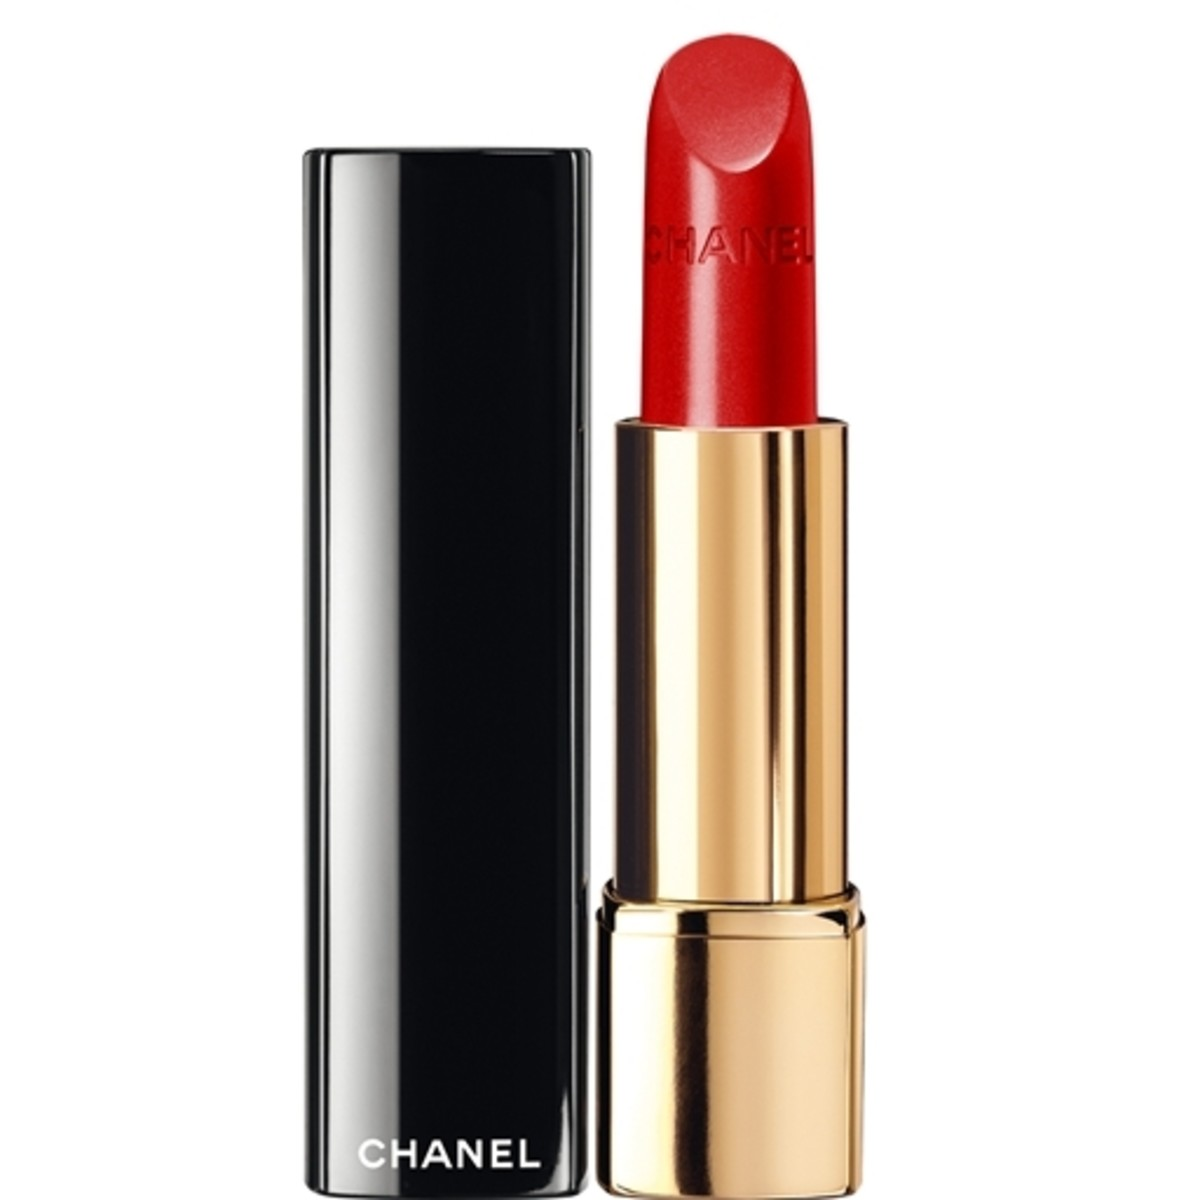 Chanel Rouge Allure Intense Longwear Lip Colour in Coromandel